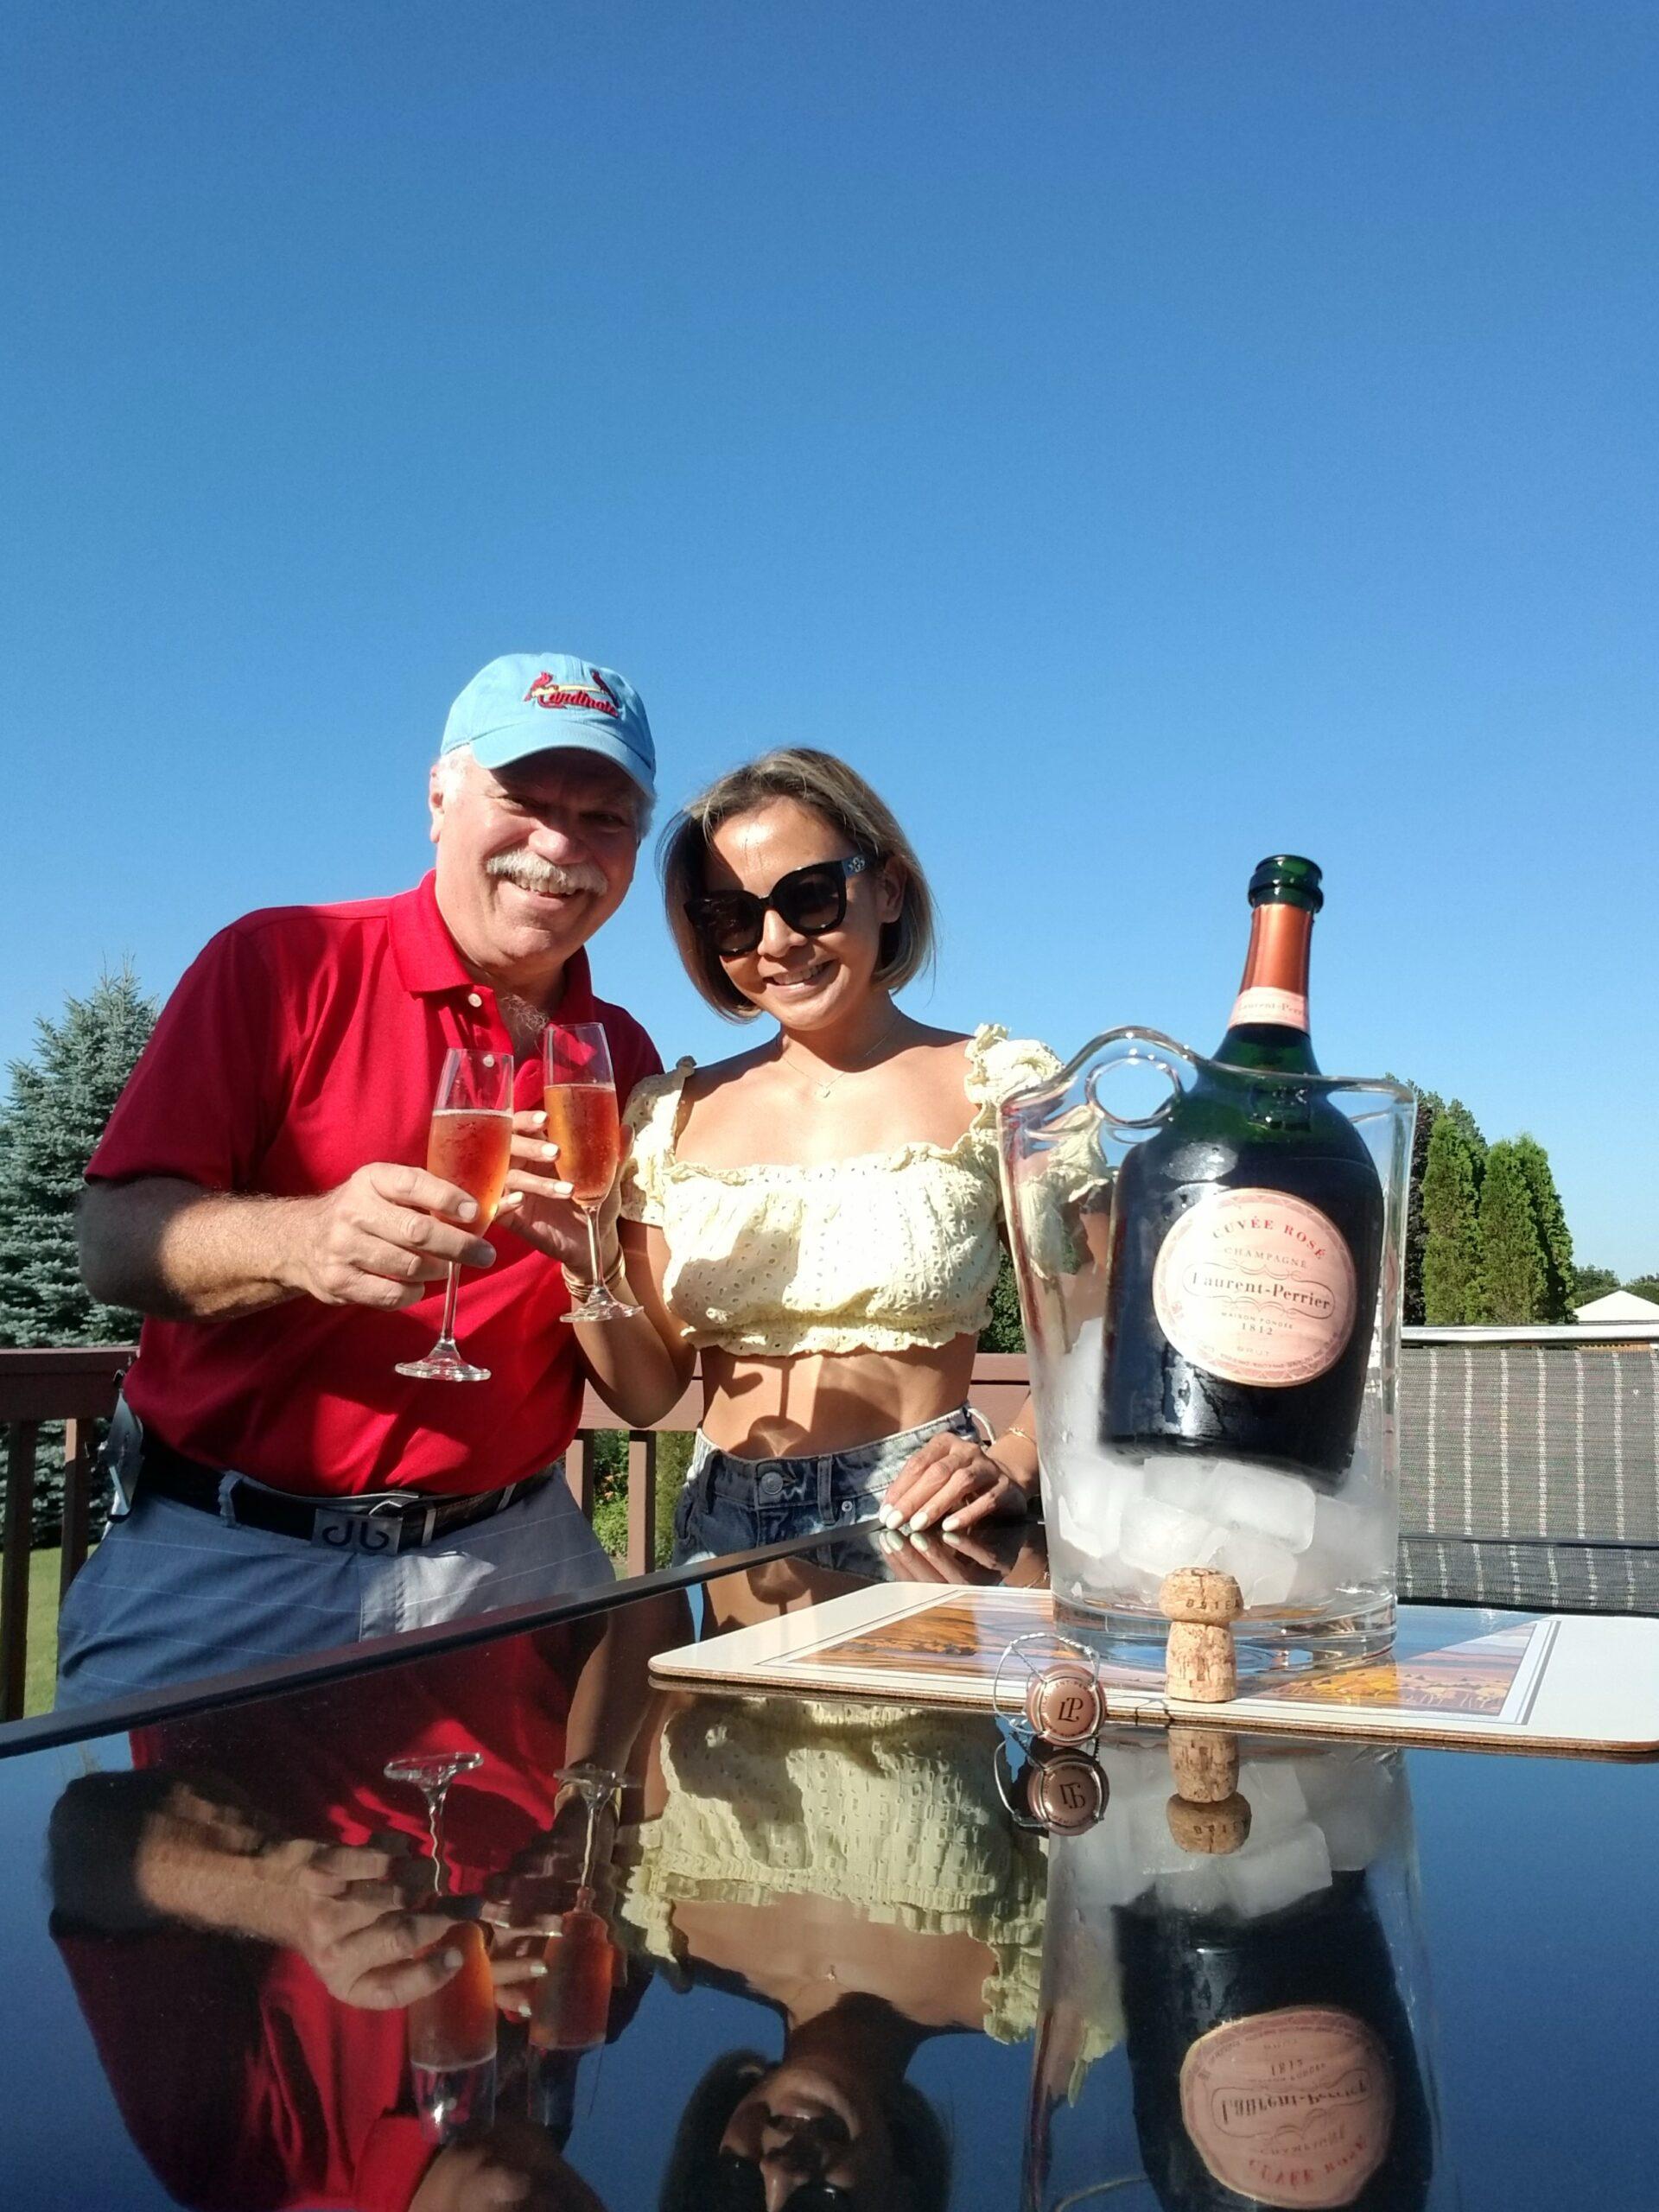 $174.55 - Laurent-Perrier Cuvée Rosé Brut Champagne 1,500 ml